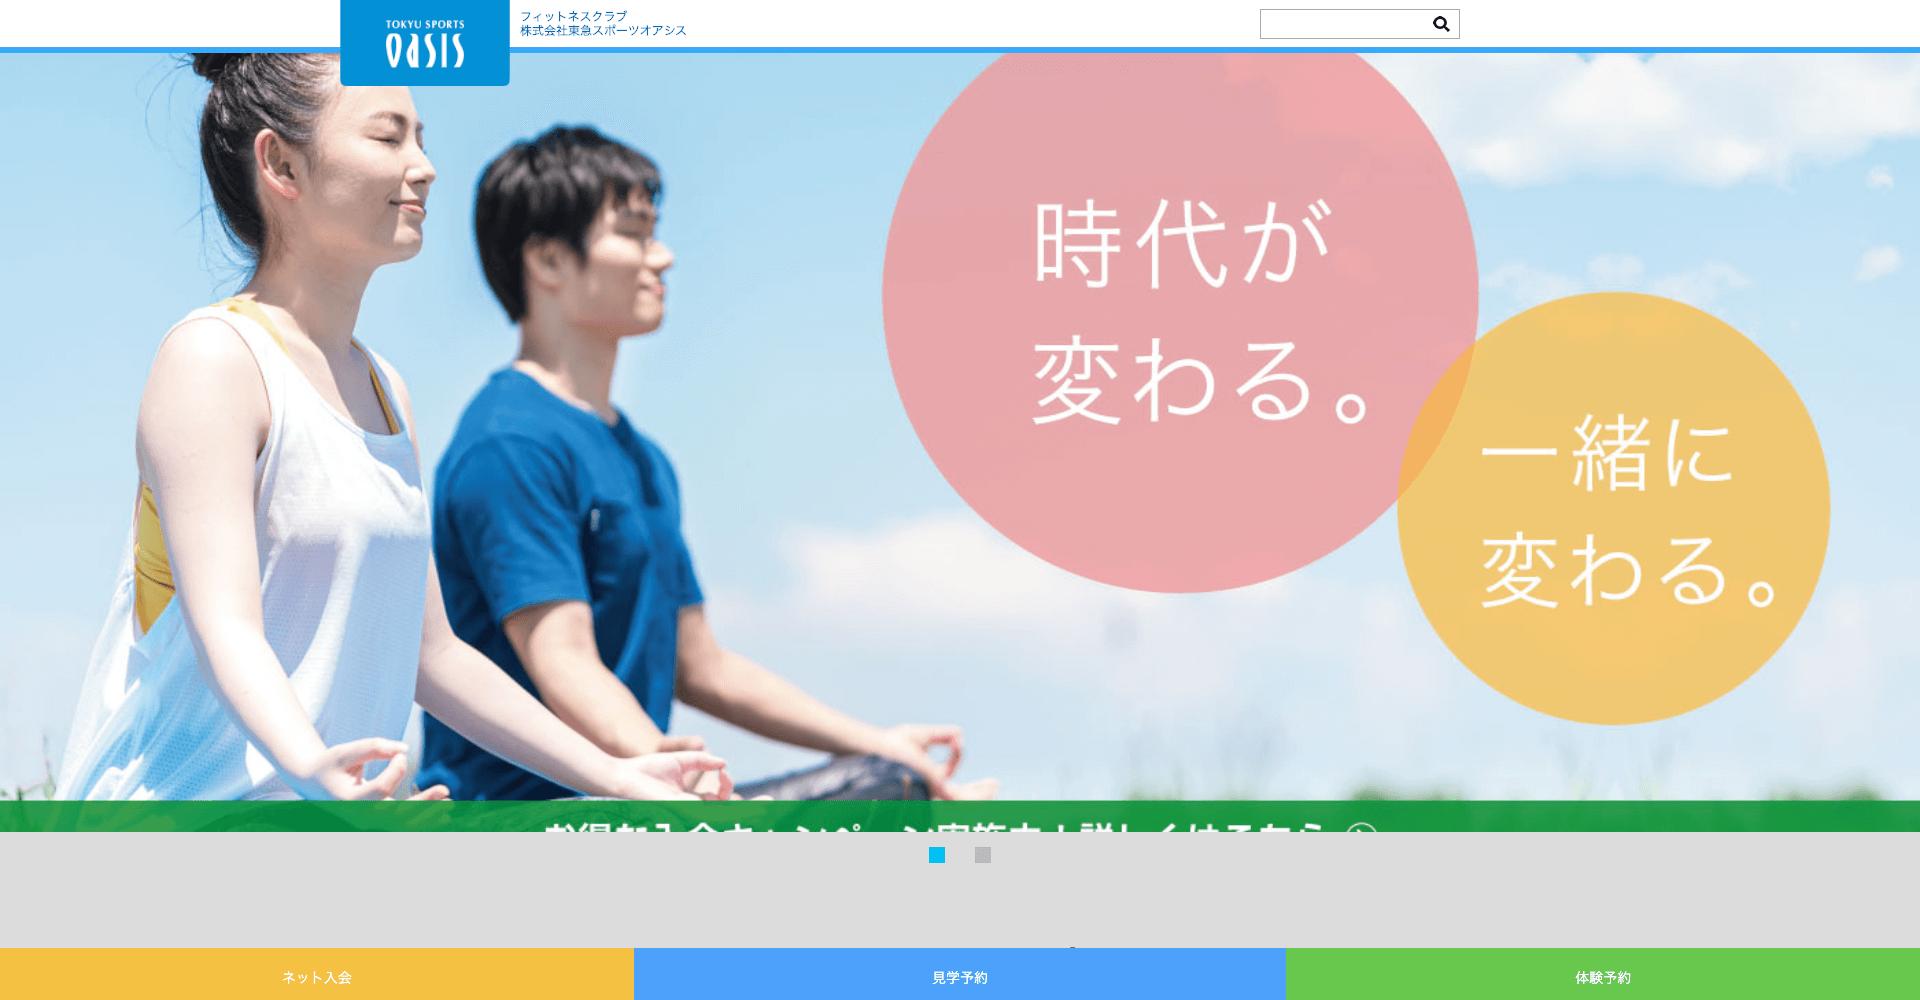 東急スポーツオアシス習志野24Plus